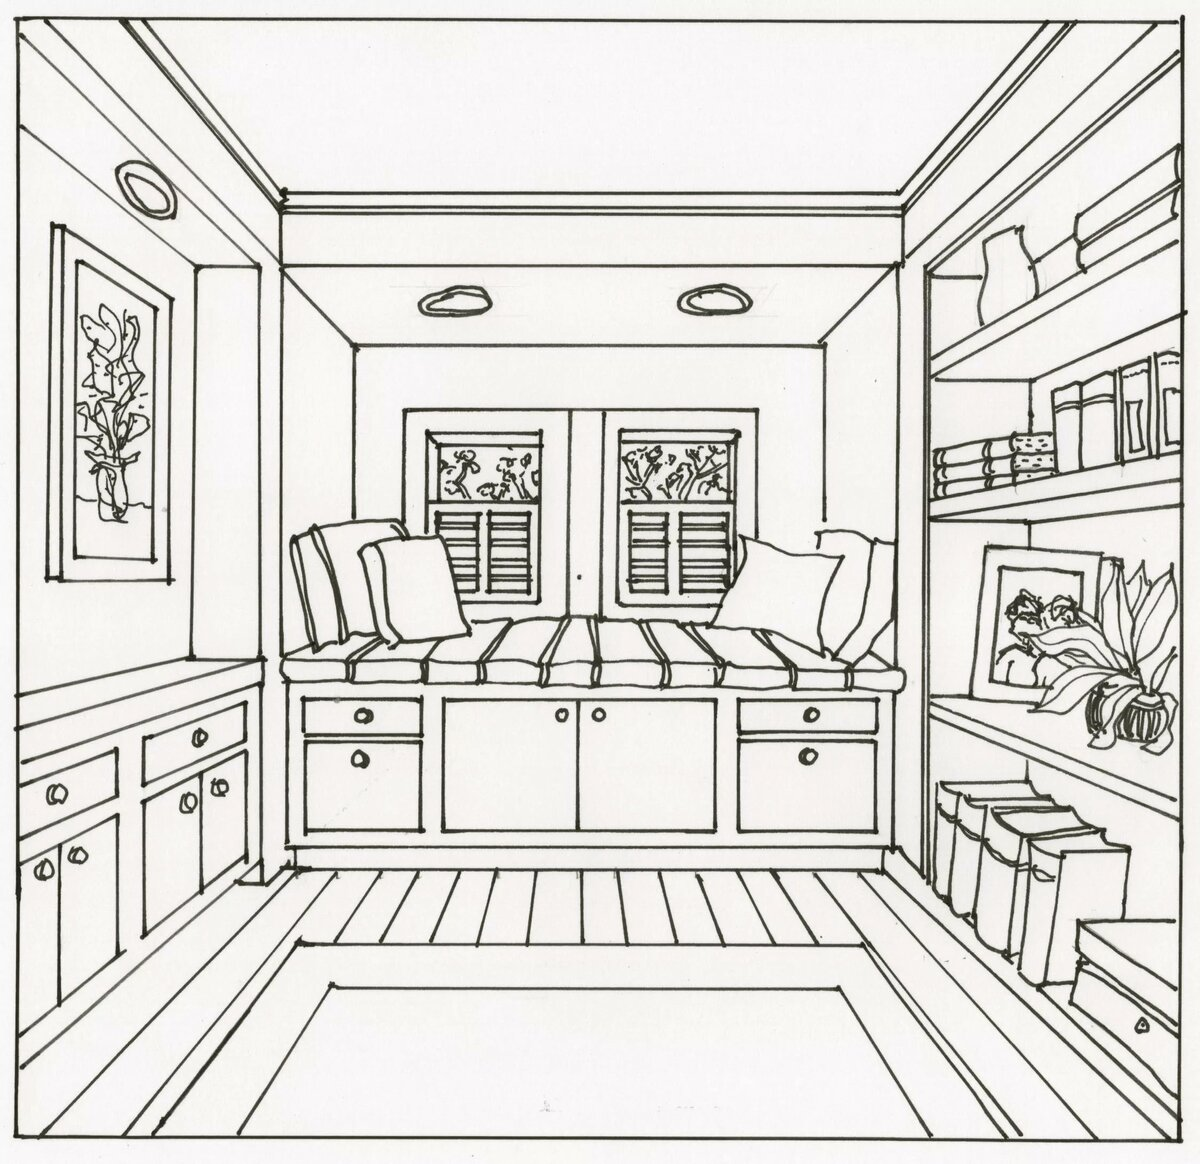 собраны, картинки комнаты распечатать миниатюрные габариты, изделие